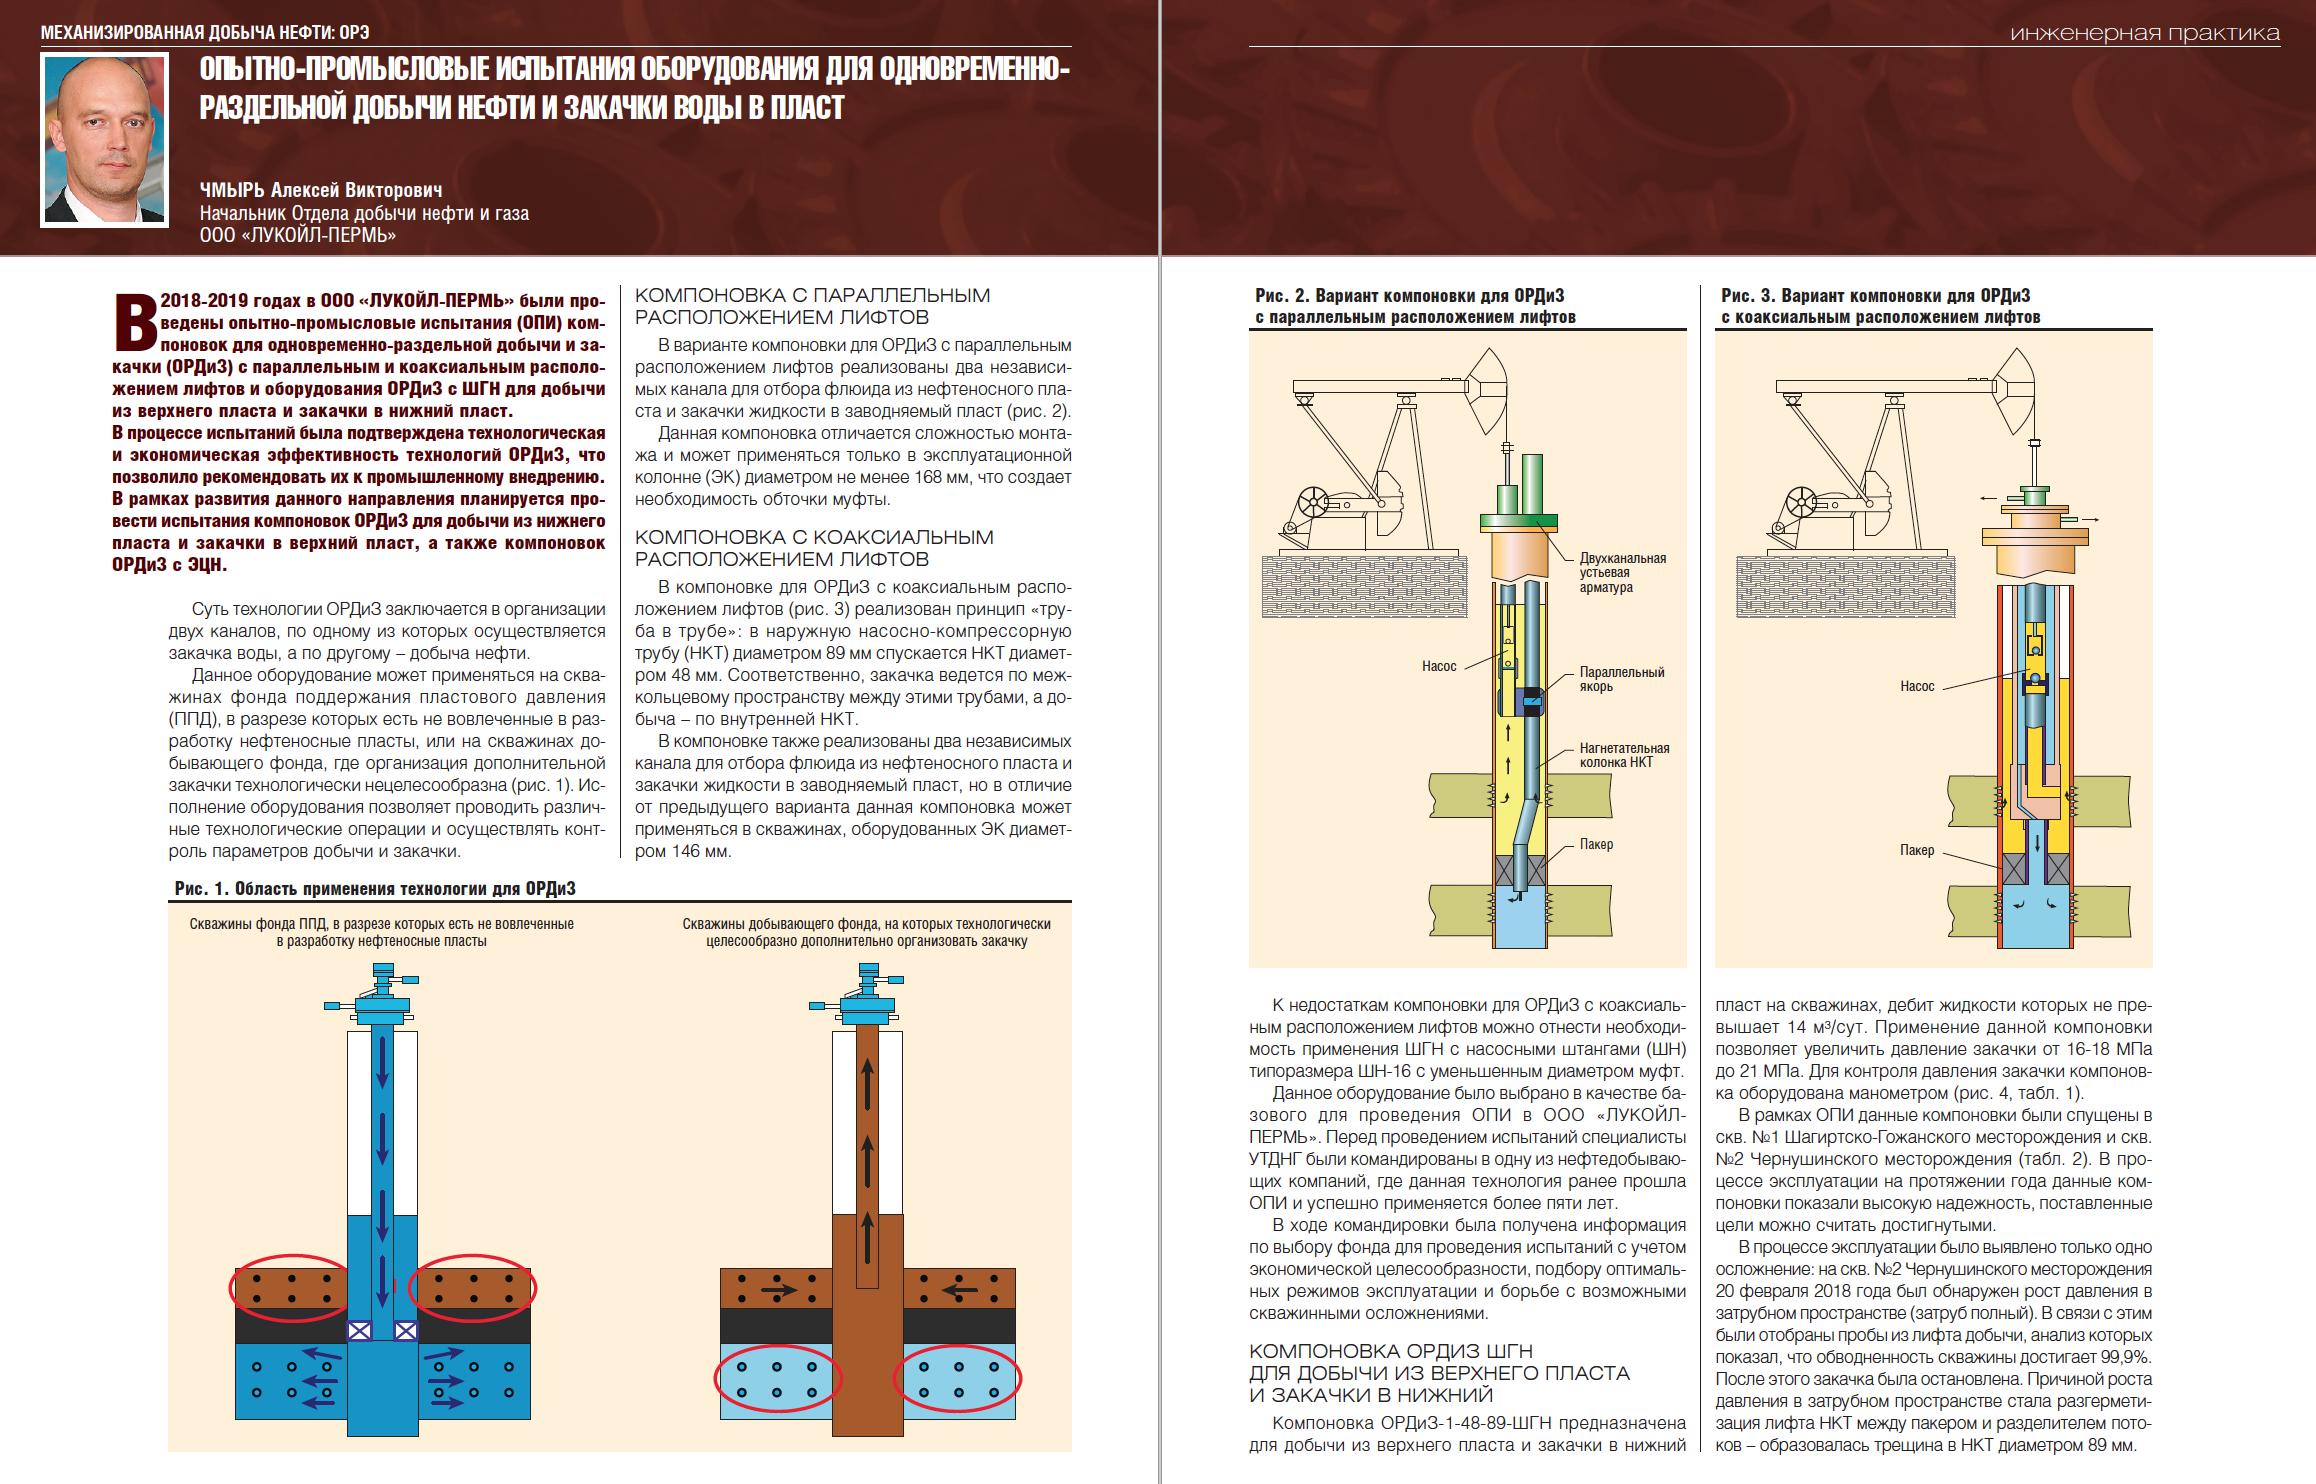 30971 Опытно-промысловые испытания оборудования для одновременно-раздельной добычи нефти и закачки воды в пласт